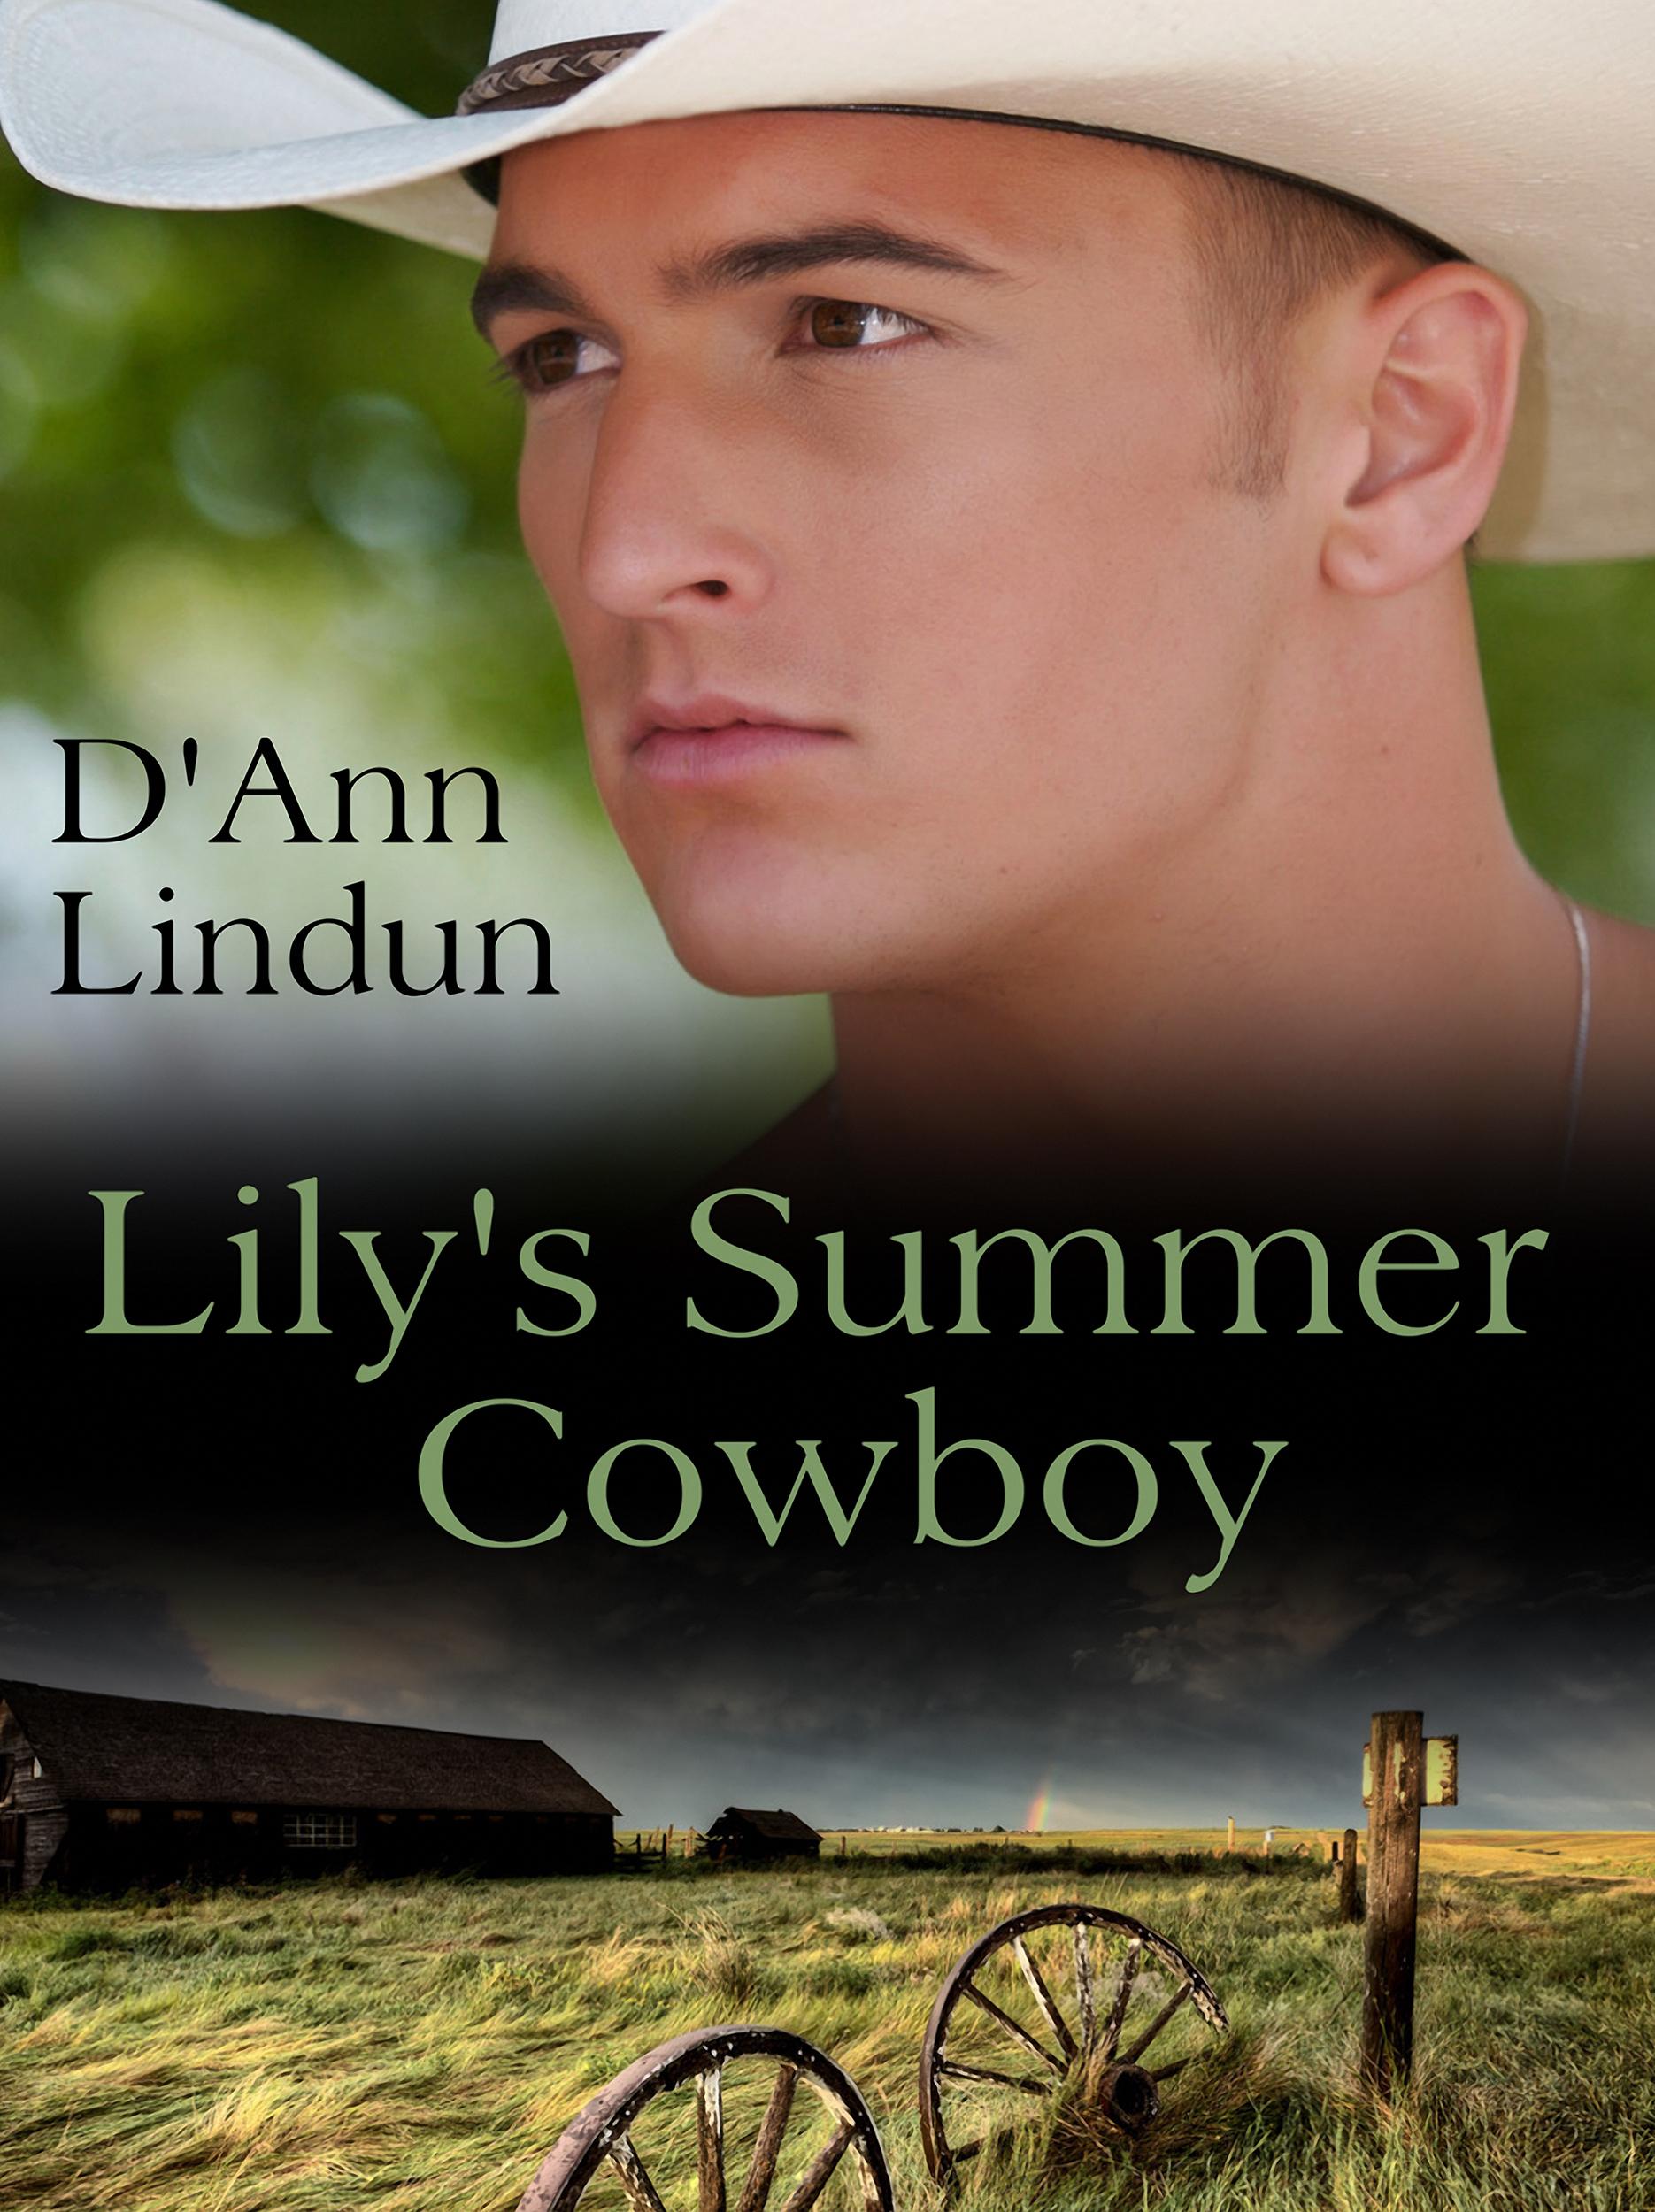 D'Ann Amazon lily